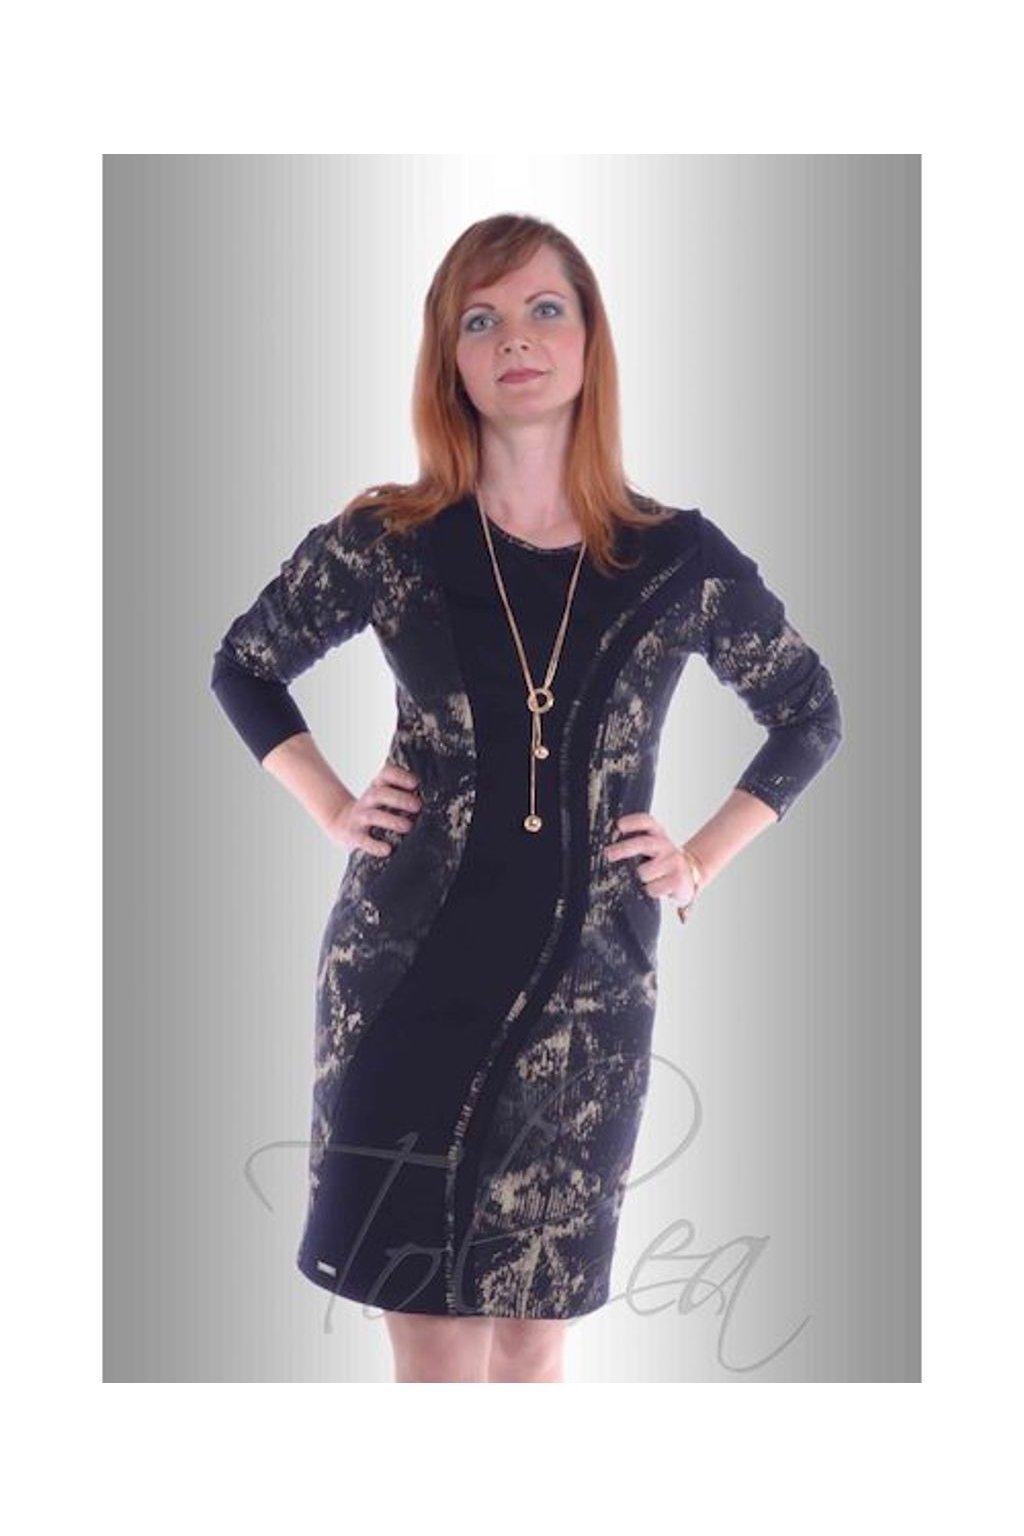 Šaty vlna paspule 5517 (Velikost 36, Barva Vzorovaná)